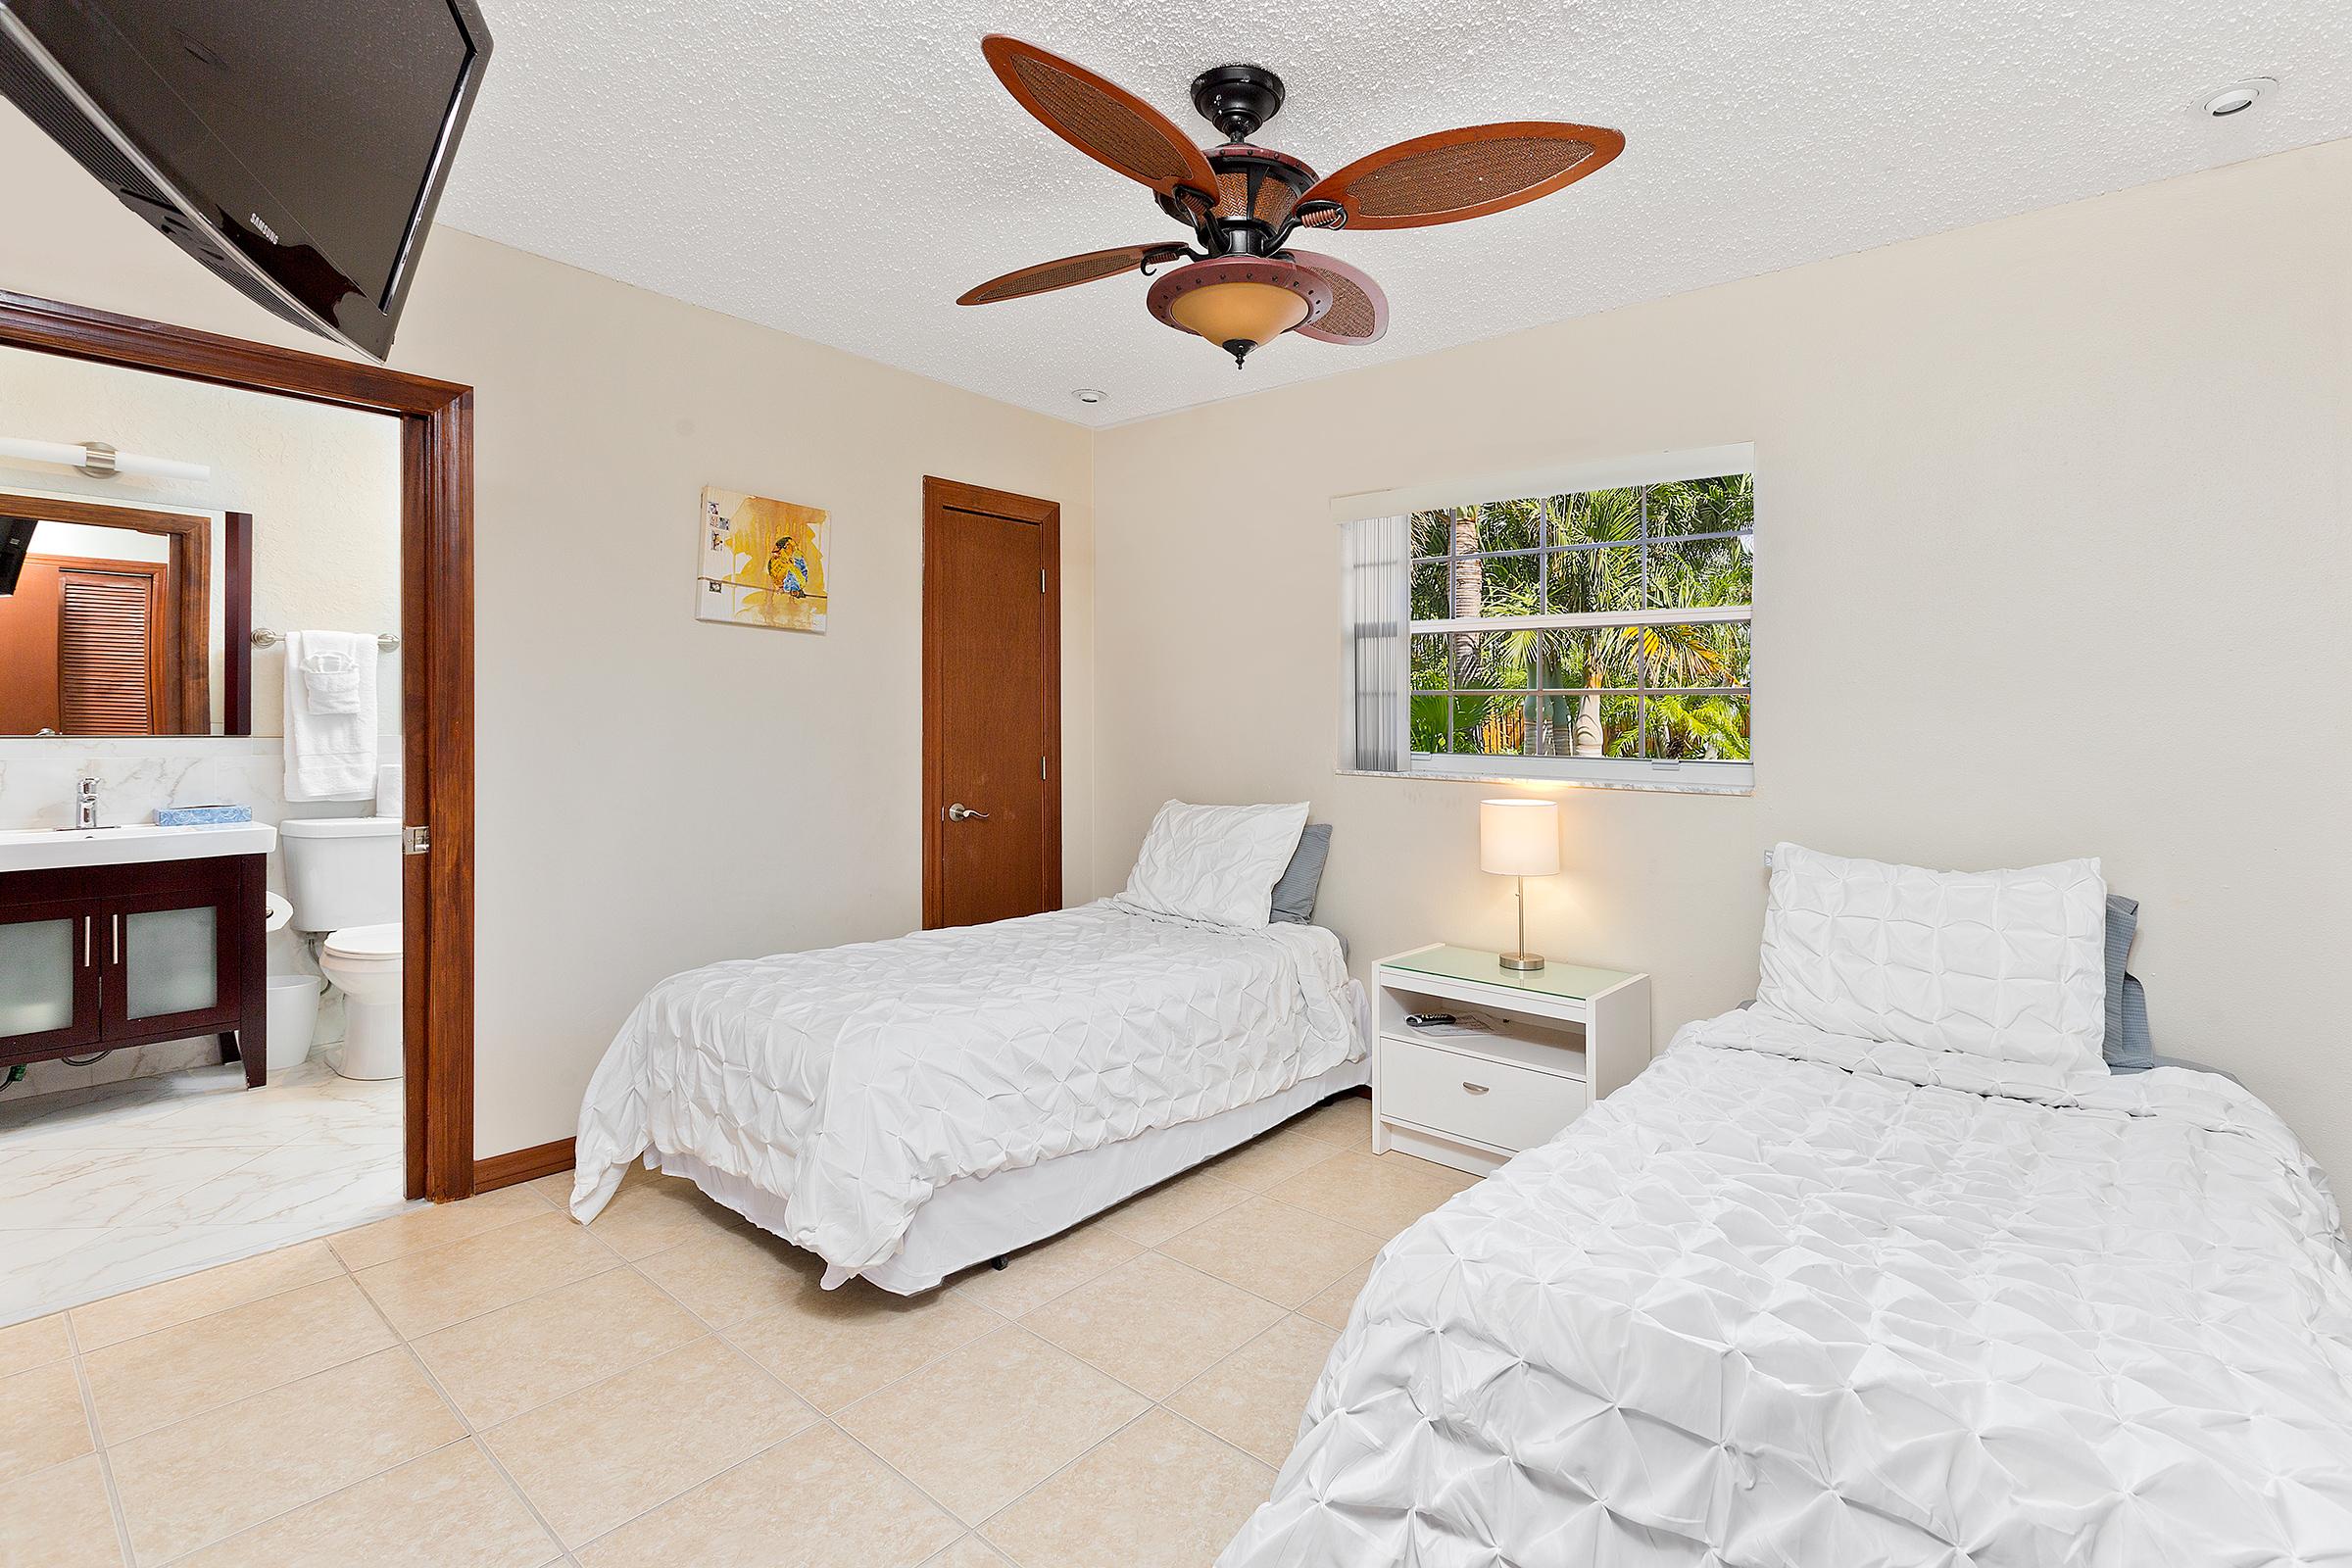 35_Bedroom2_1